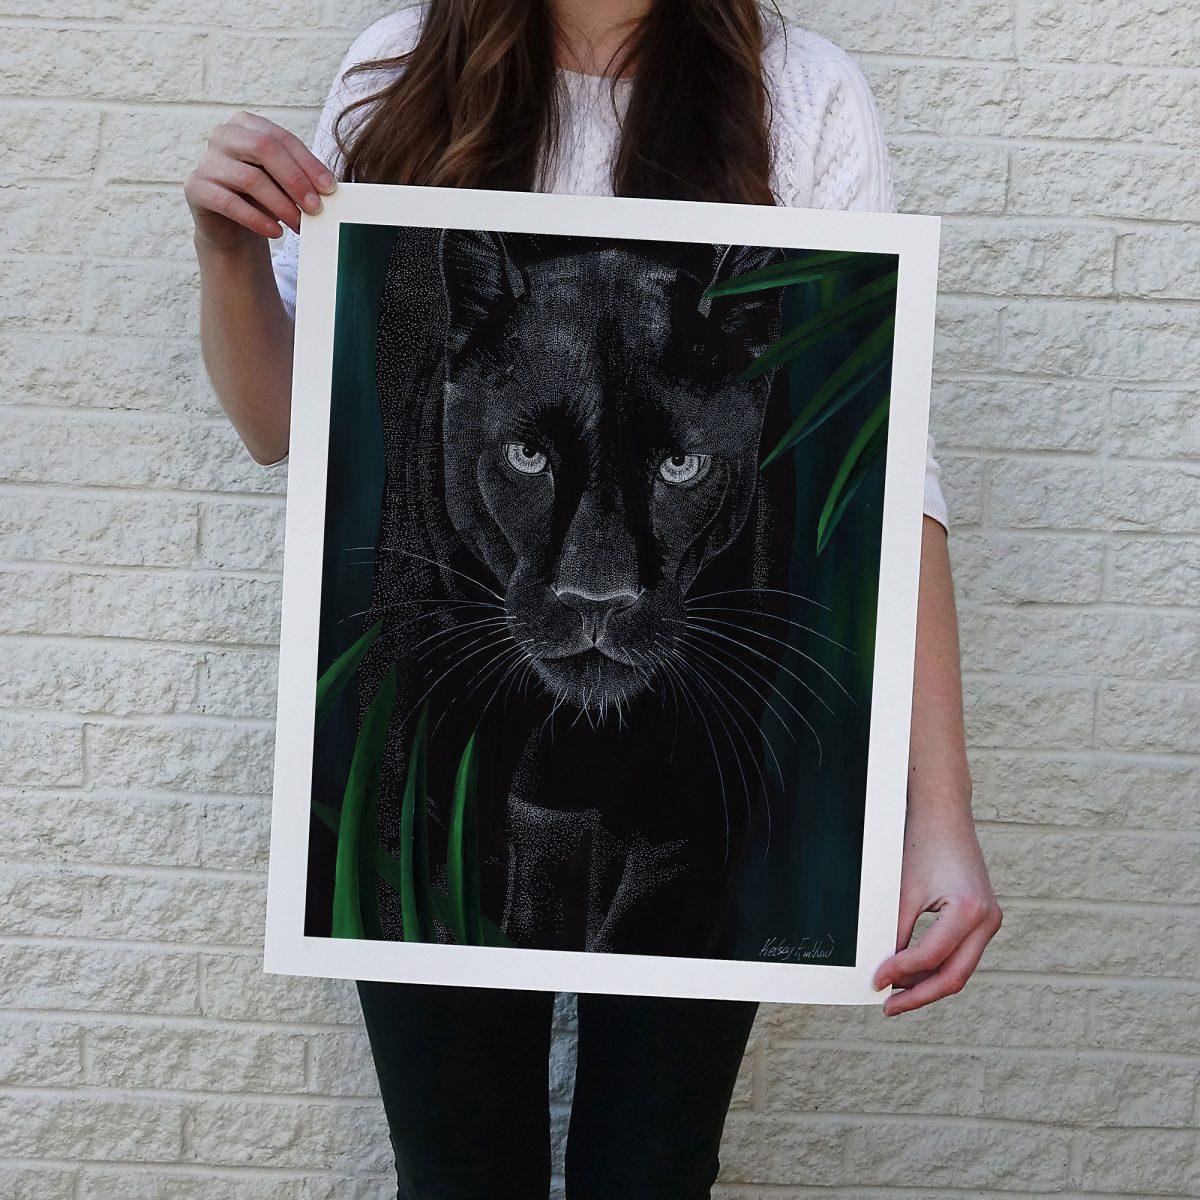 Dreamy Black Panther Print © Kelsey Emblow